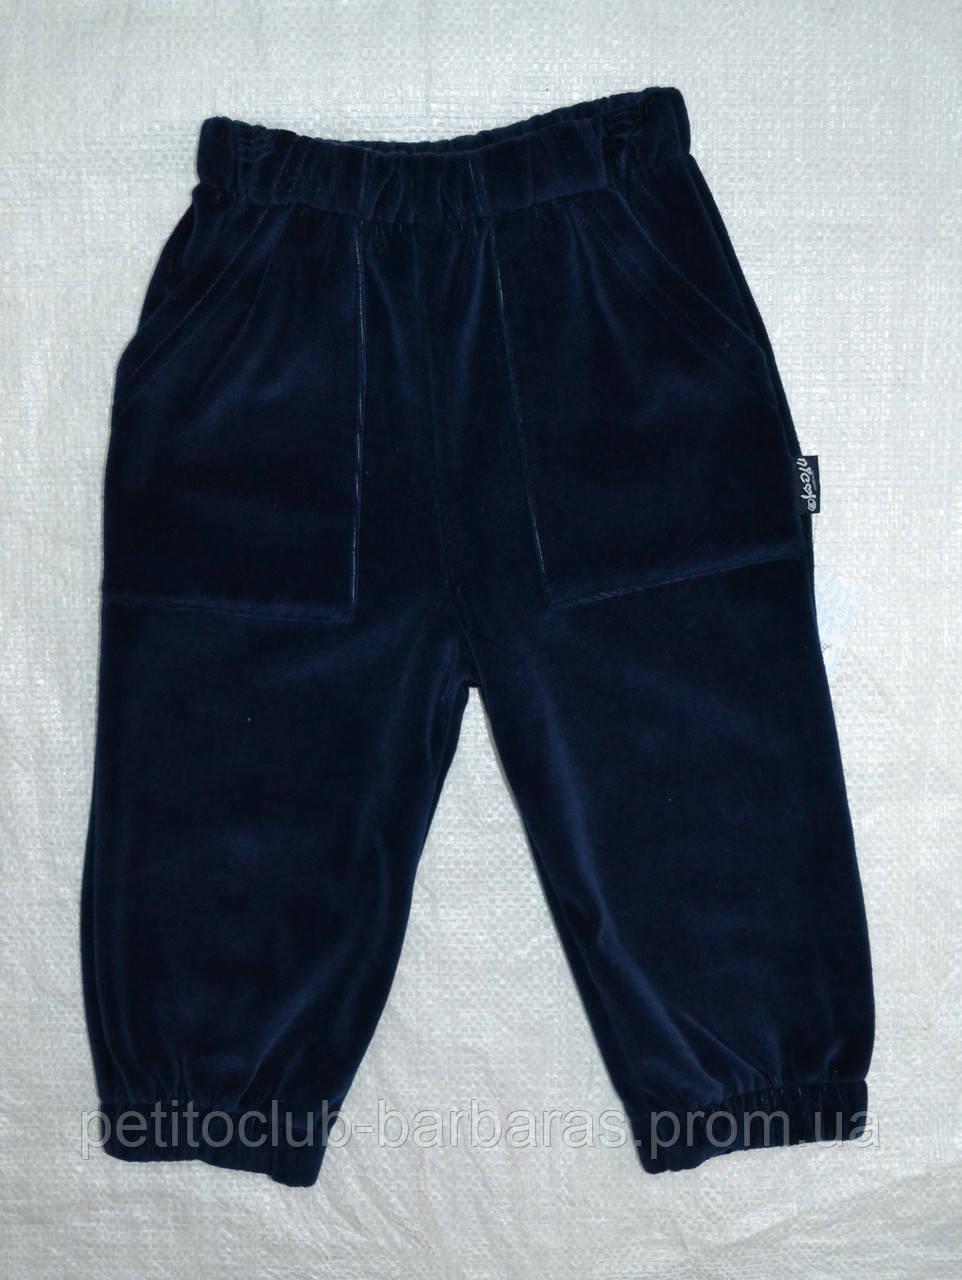 Детские велюровые штаны темно-синие для мальчика р. 74, 80, 92 см  (Nicol, Польша)